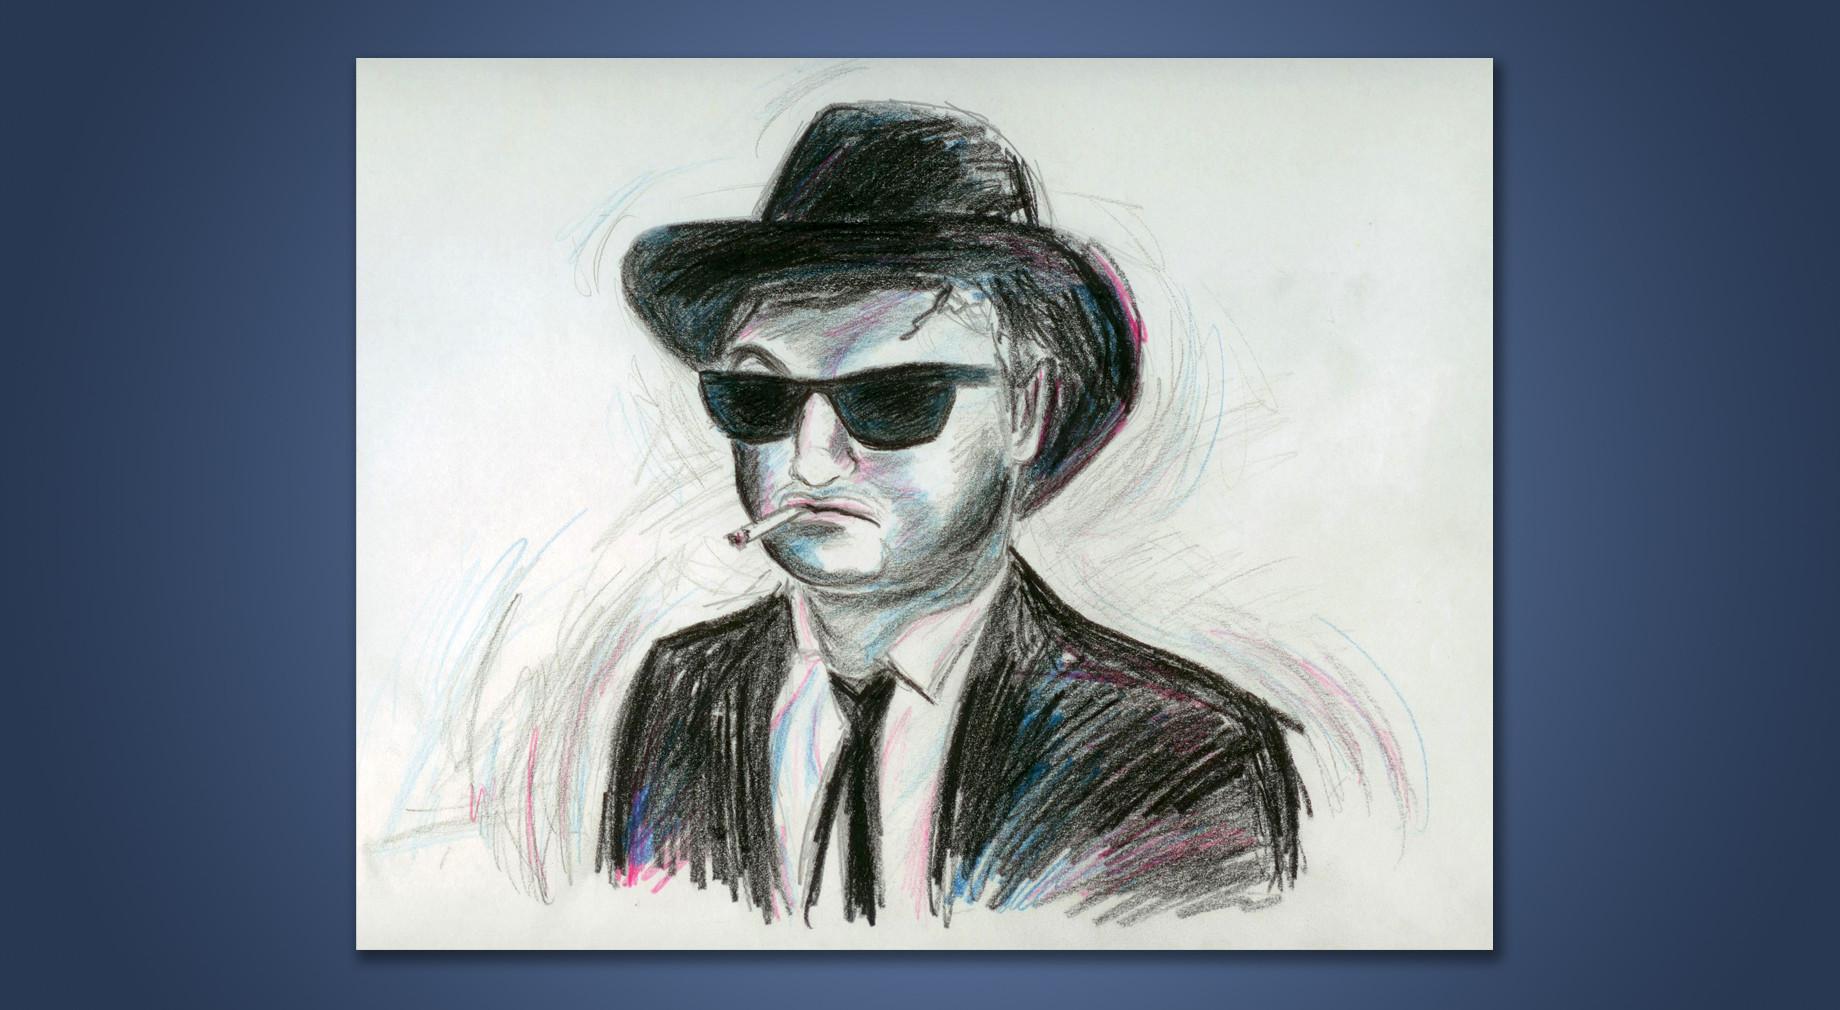 ג'ון בלושי - איור בעפרונות